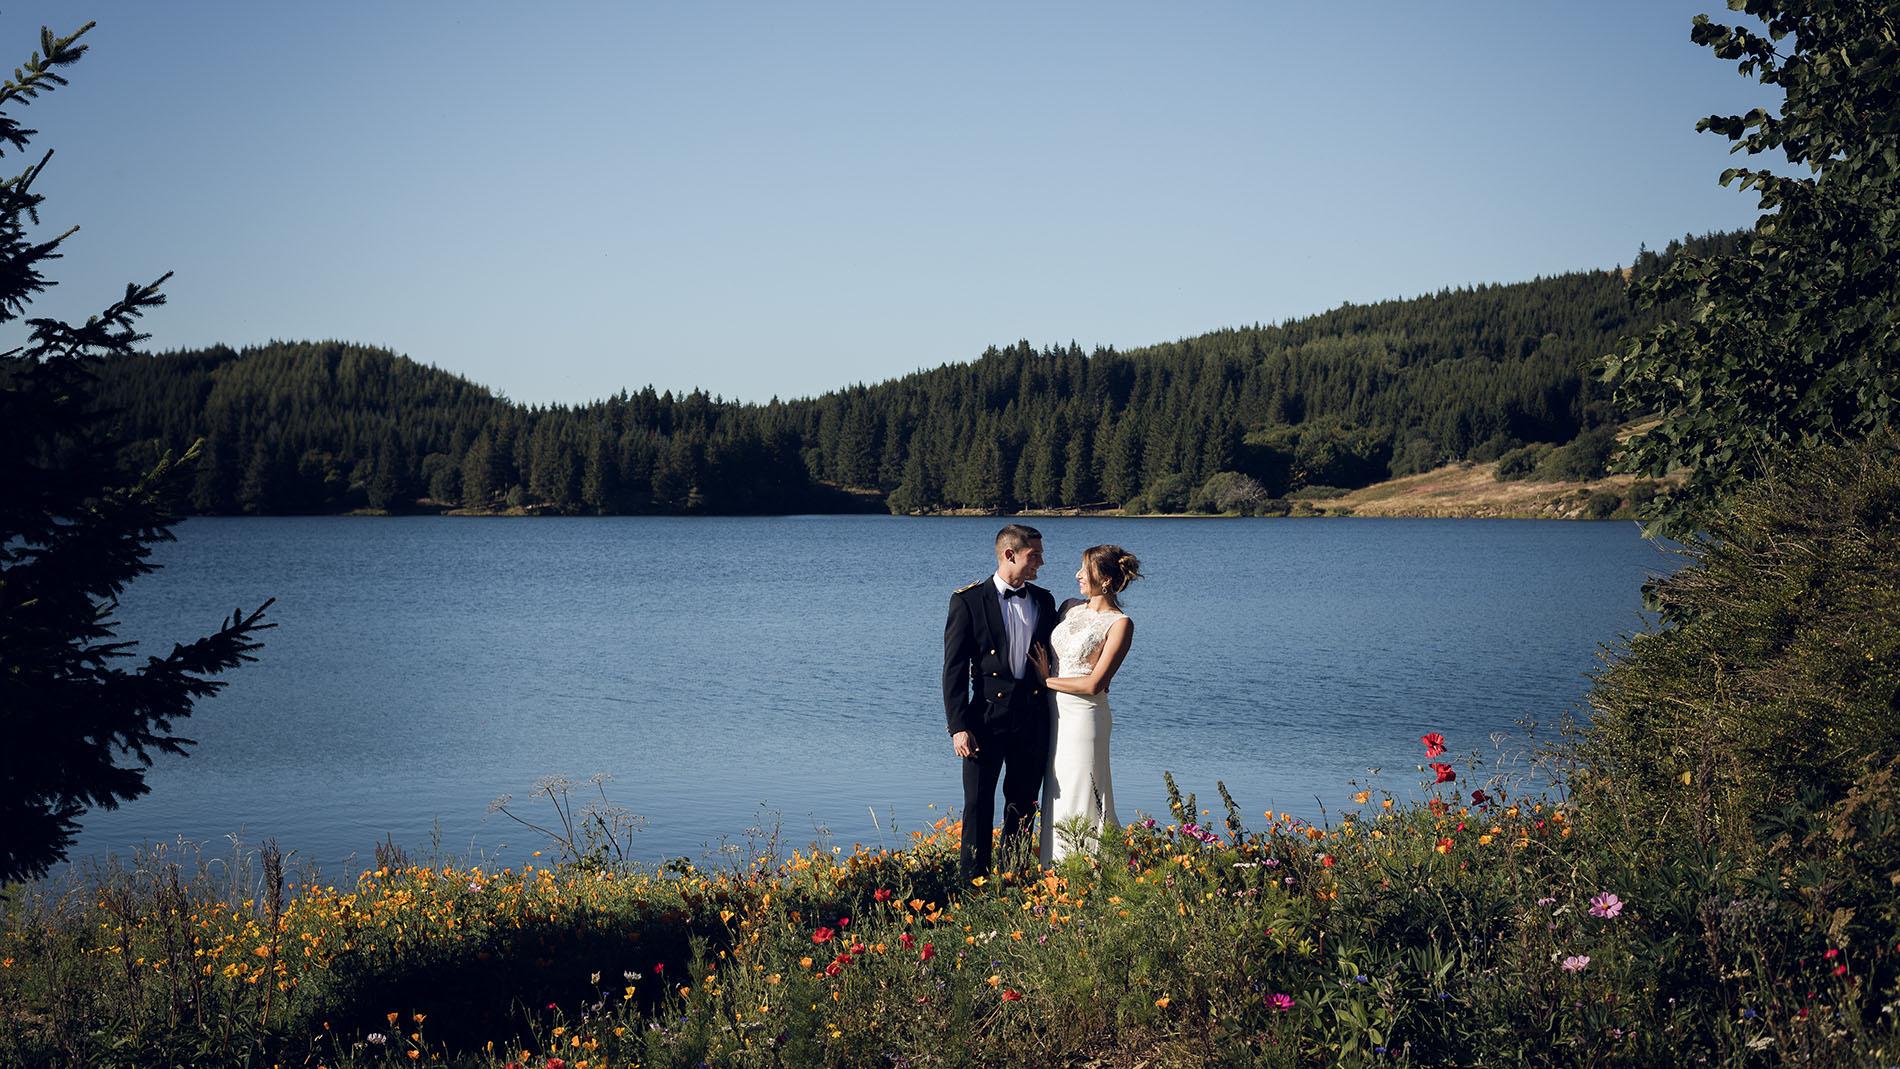 mariage-wedding-reportage-robe-de-mariee-clermont-ferrand-vichy-auvergne-rhone-alpes-photo-de-couple-photographe-photographer-elise-julliard-lac-de-guery-puy-de-dome-mont-dore-2